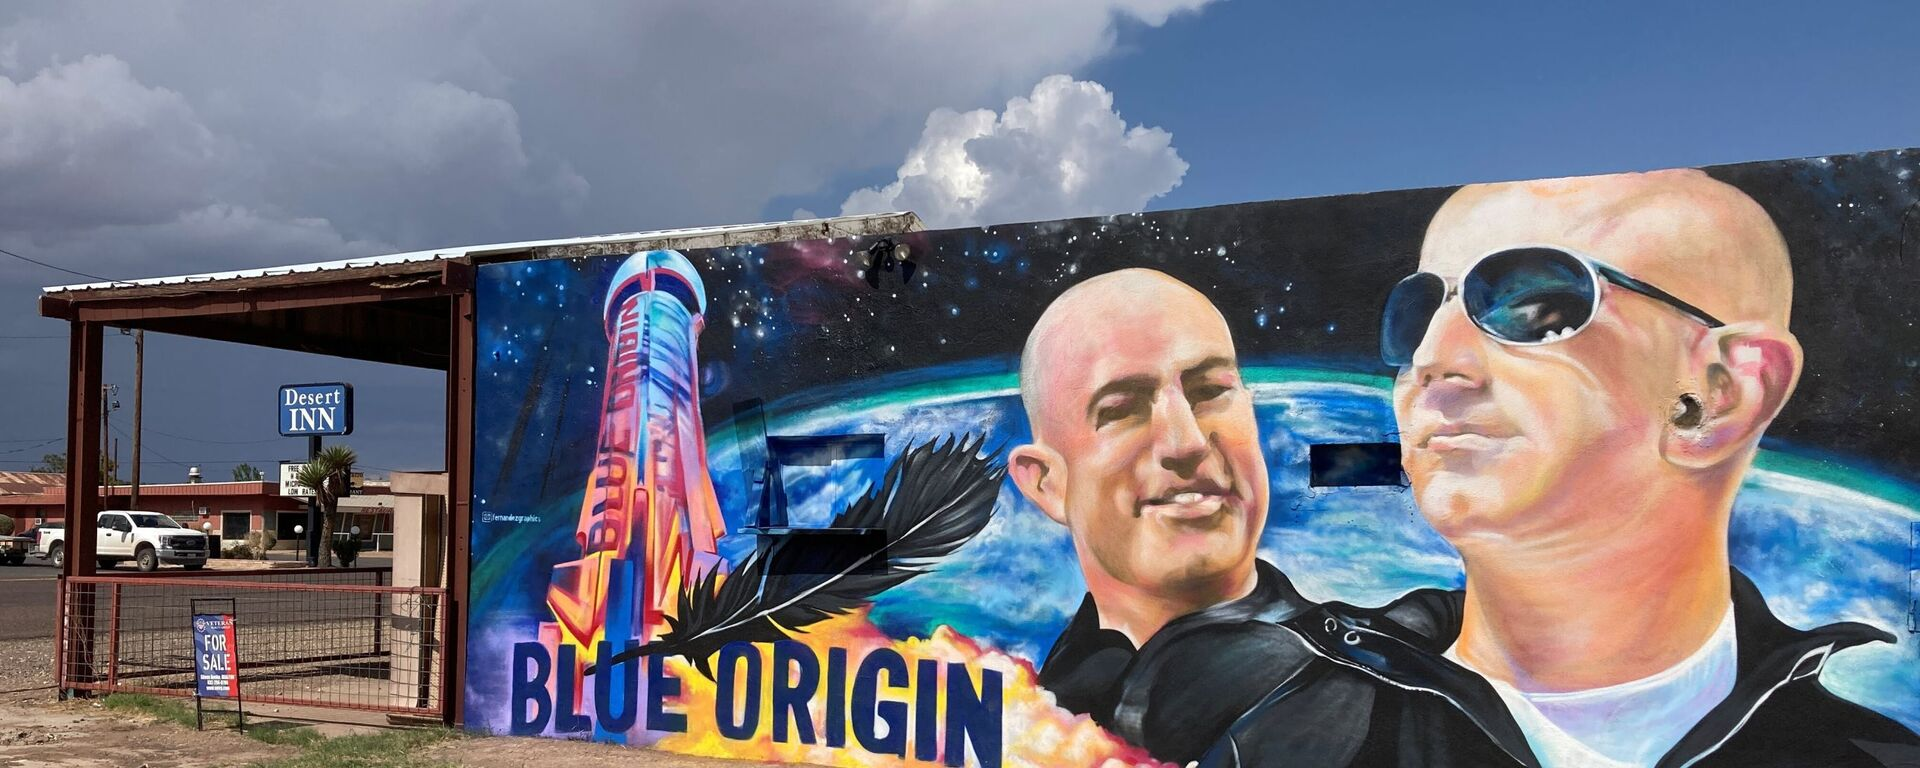 Jeff Bezos - Sputnik Česká republika, 1920, 20.07.2021